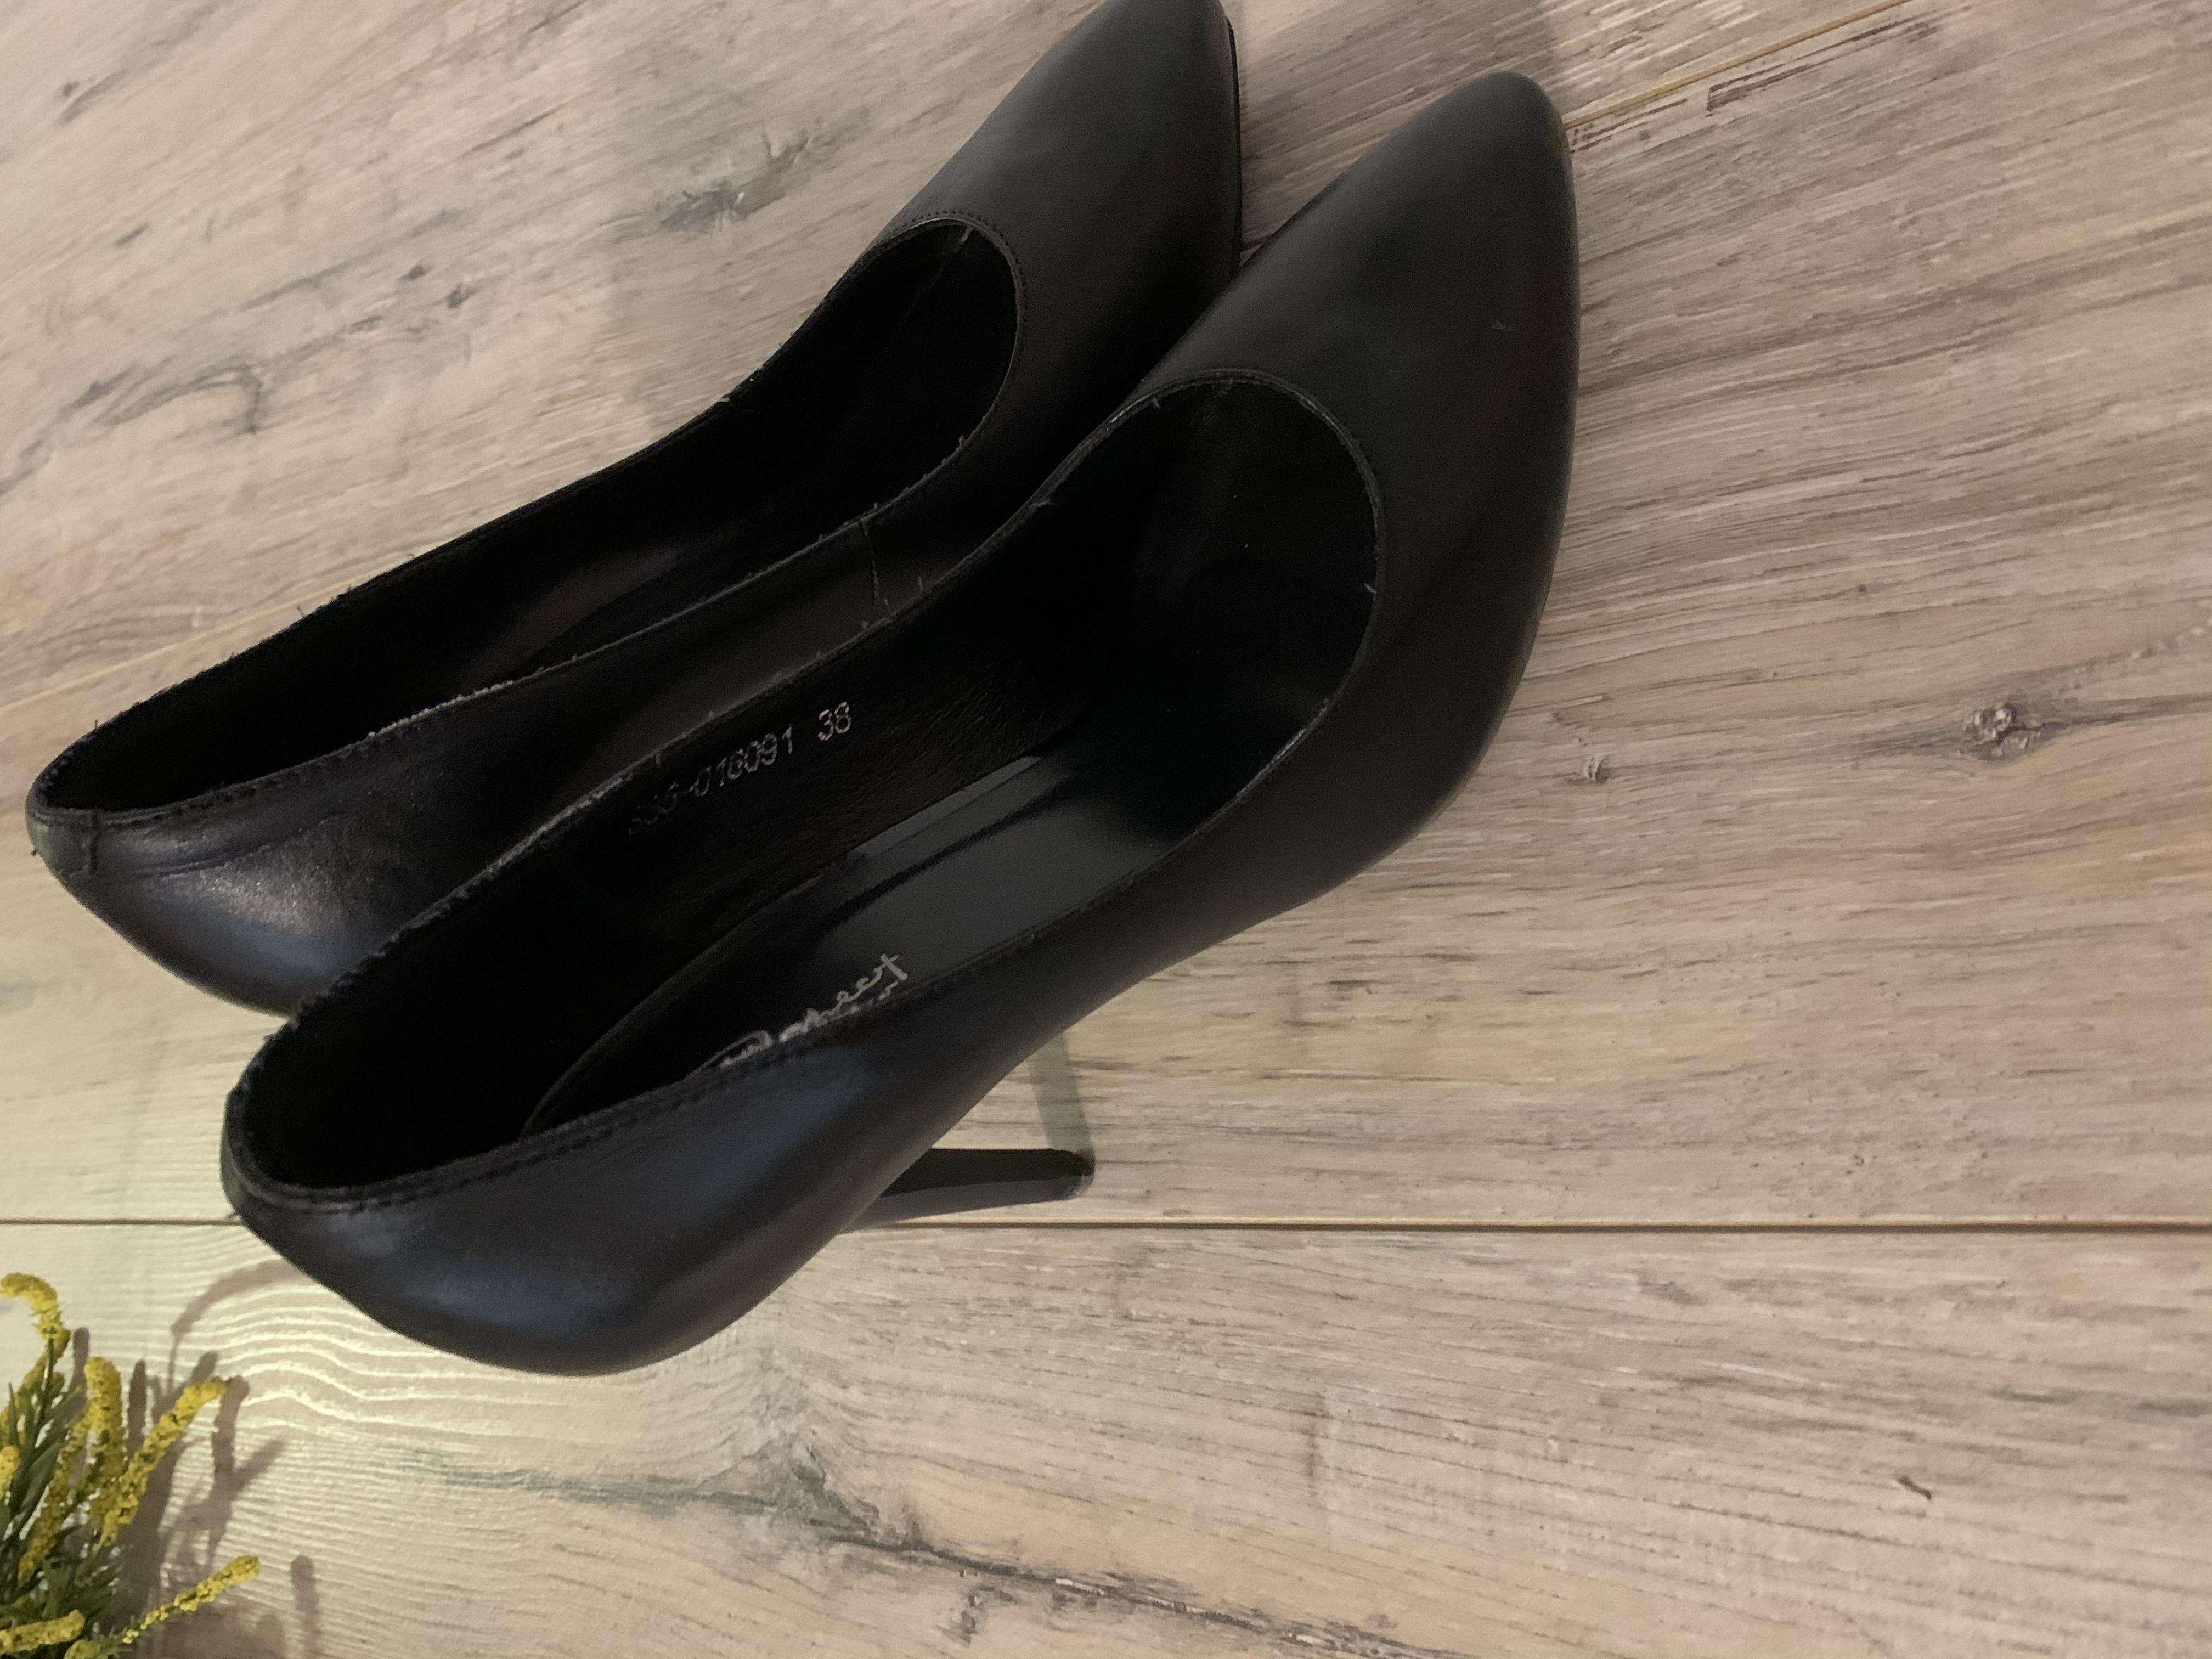 Женские туфли. Размер 38. В хорошем состоянии.